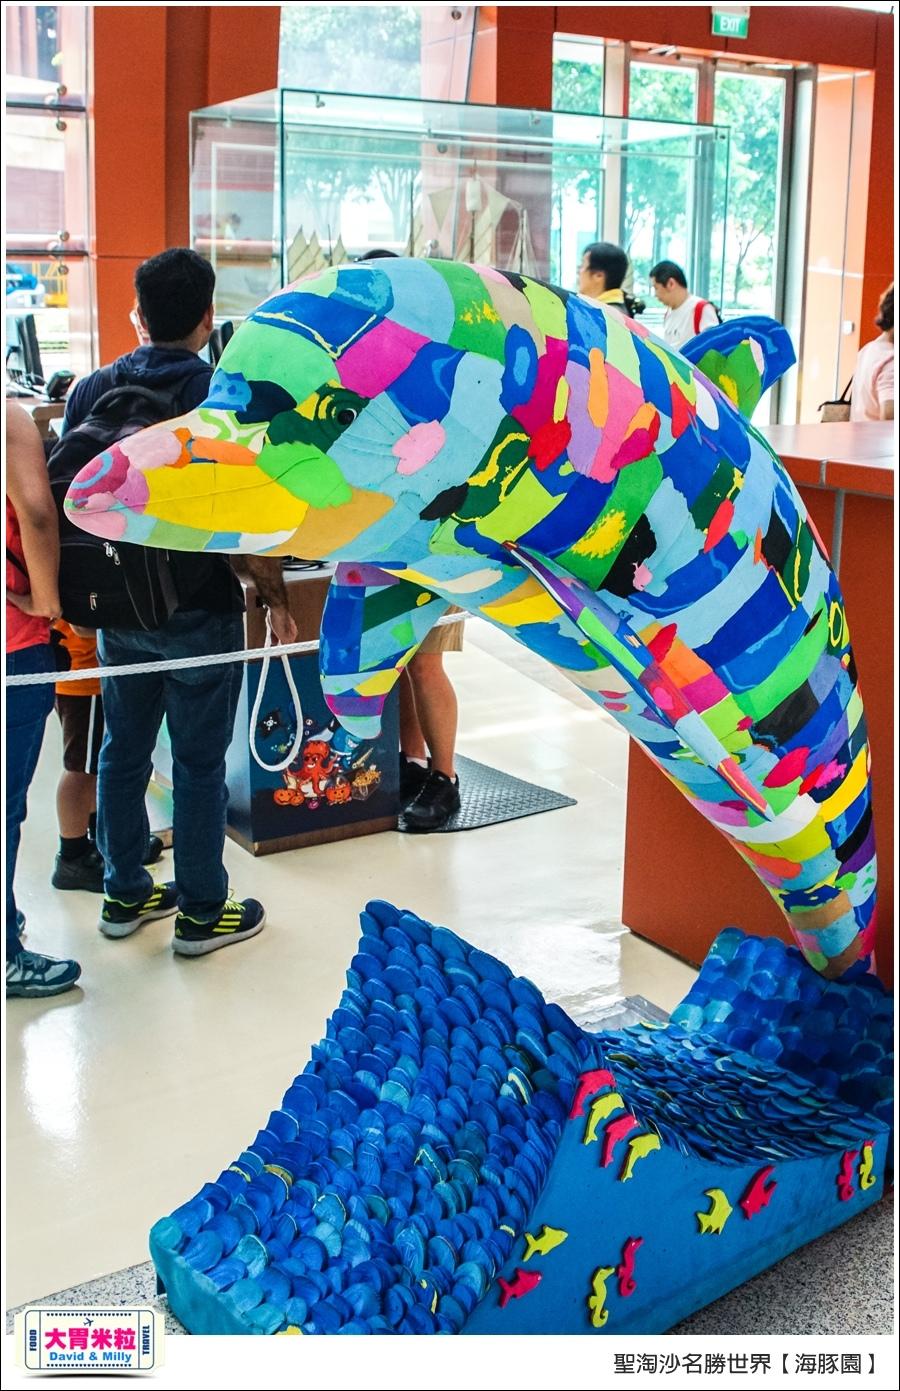 聖淘沙名勝世界必玩@海豚園體驗海豚伴遊@大胃米粒0014.jpg